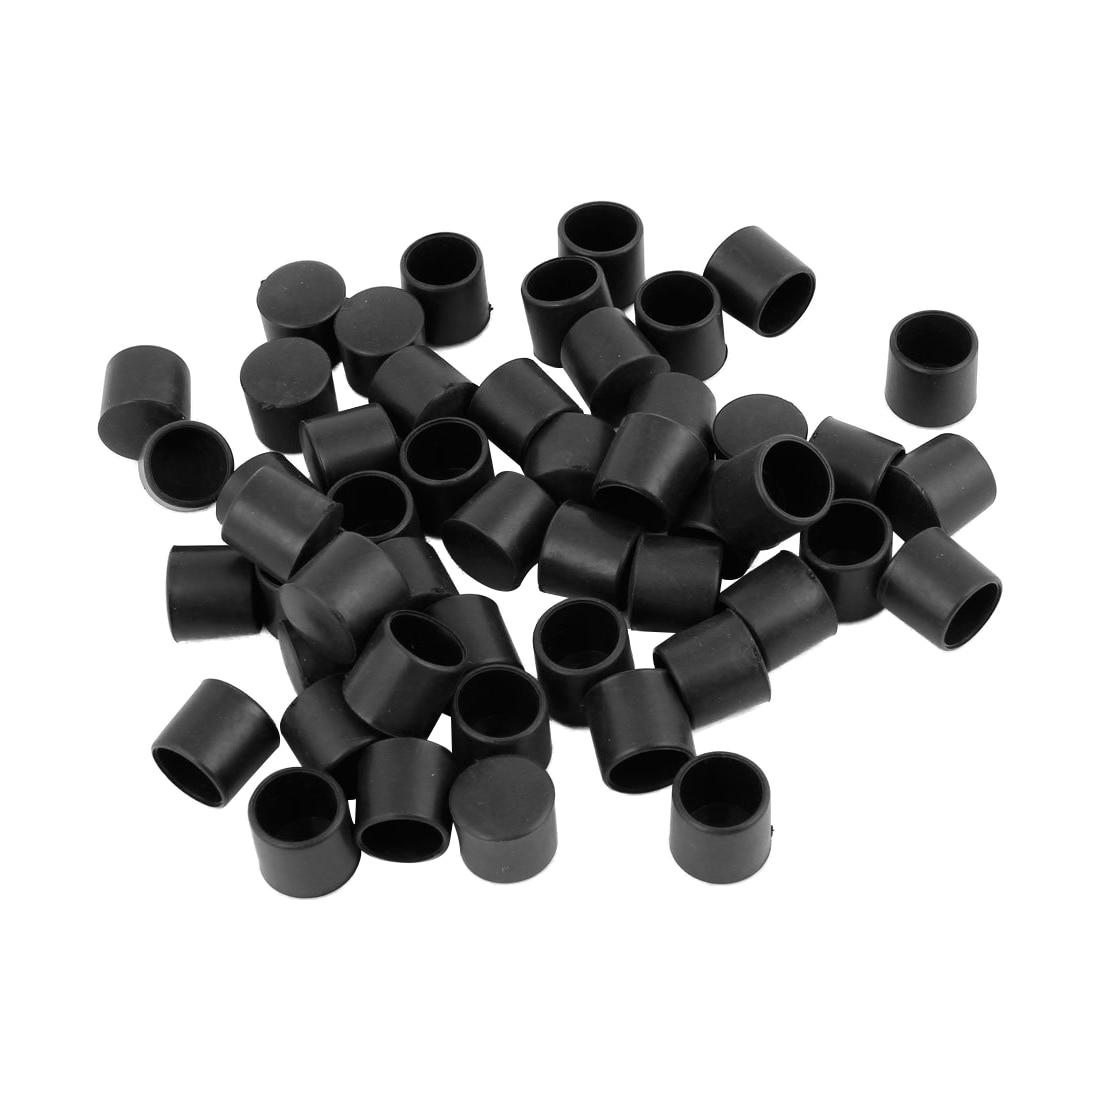 50 Pcs Black Rubber PVC Flexible Round End Cap Round 12mm Foot Cover50 Pcs Black Rubber PVC Flexible Round End Cap Round 12mm Foot Cover